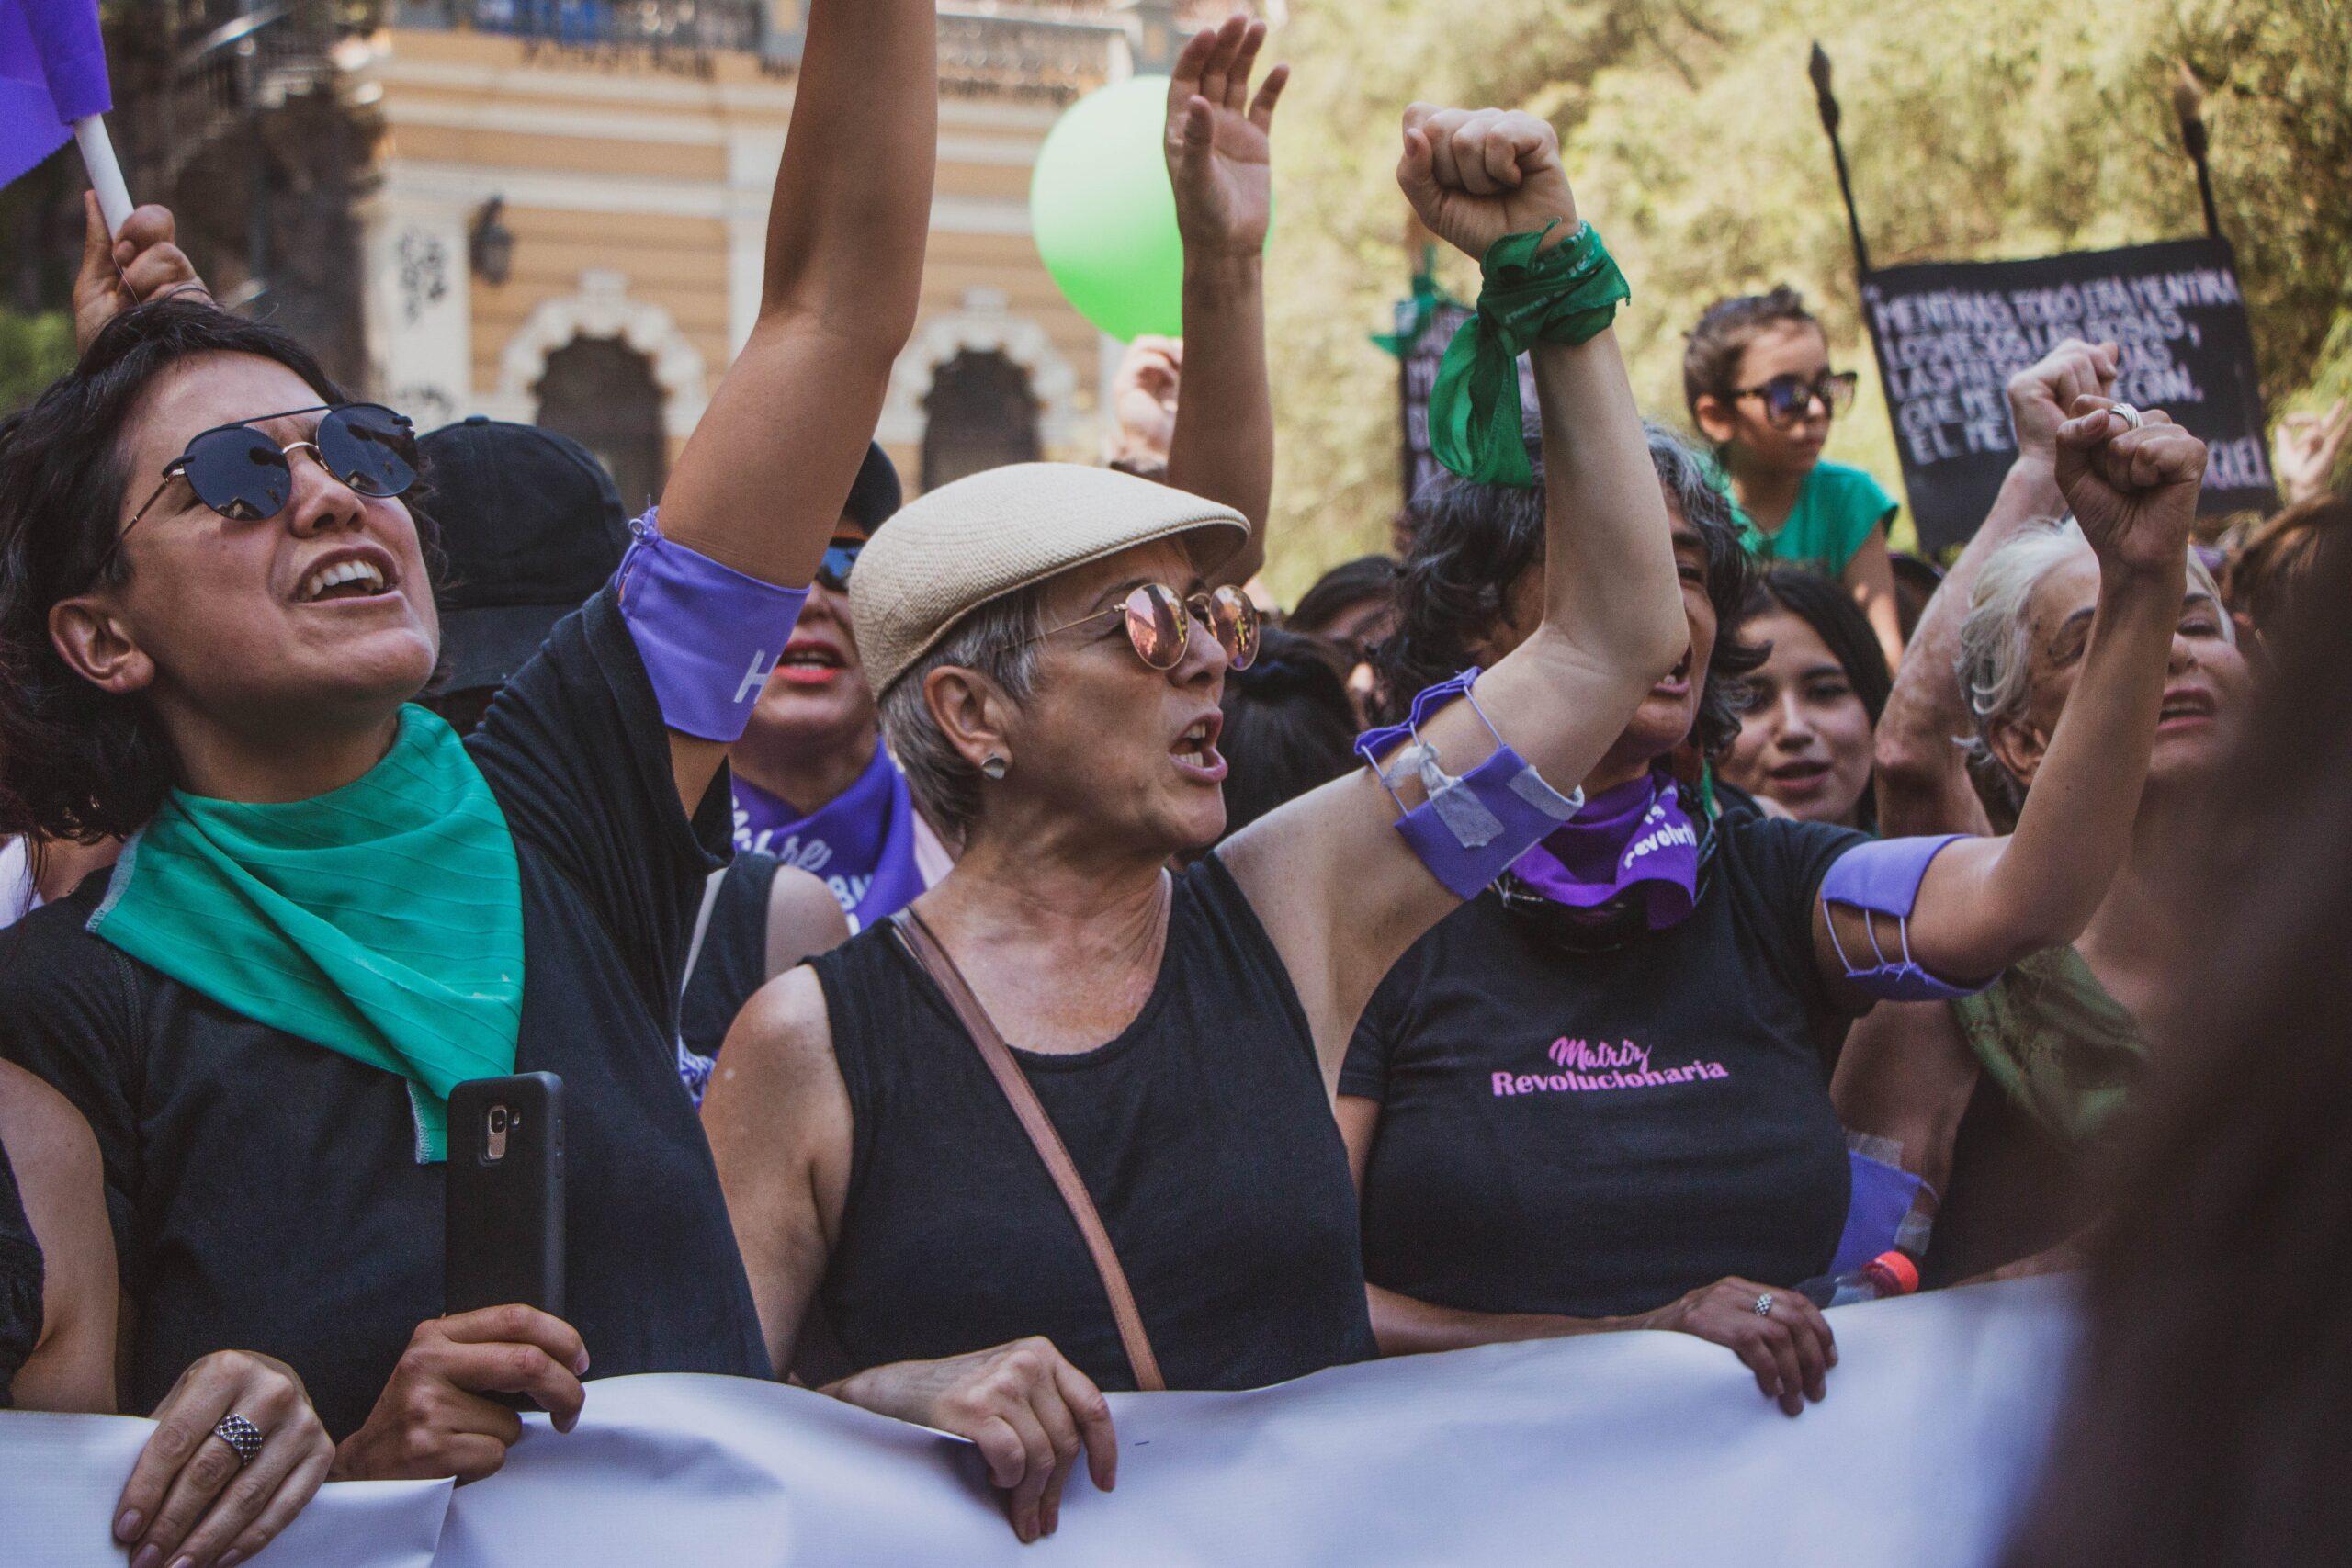 mujeres marchando por la igualdad con pañuelos verdes y morados